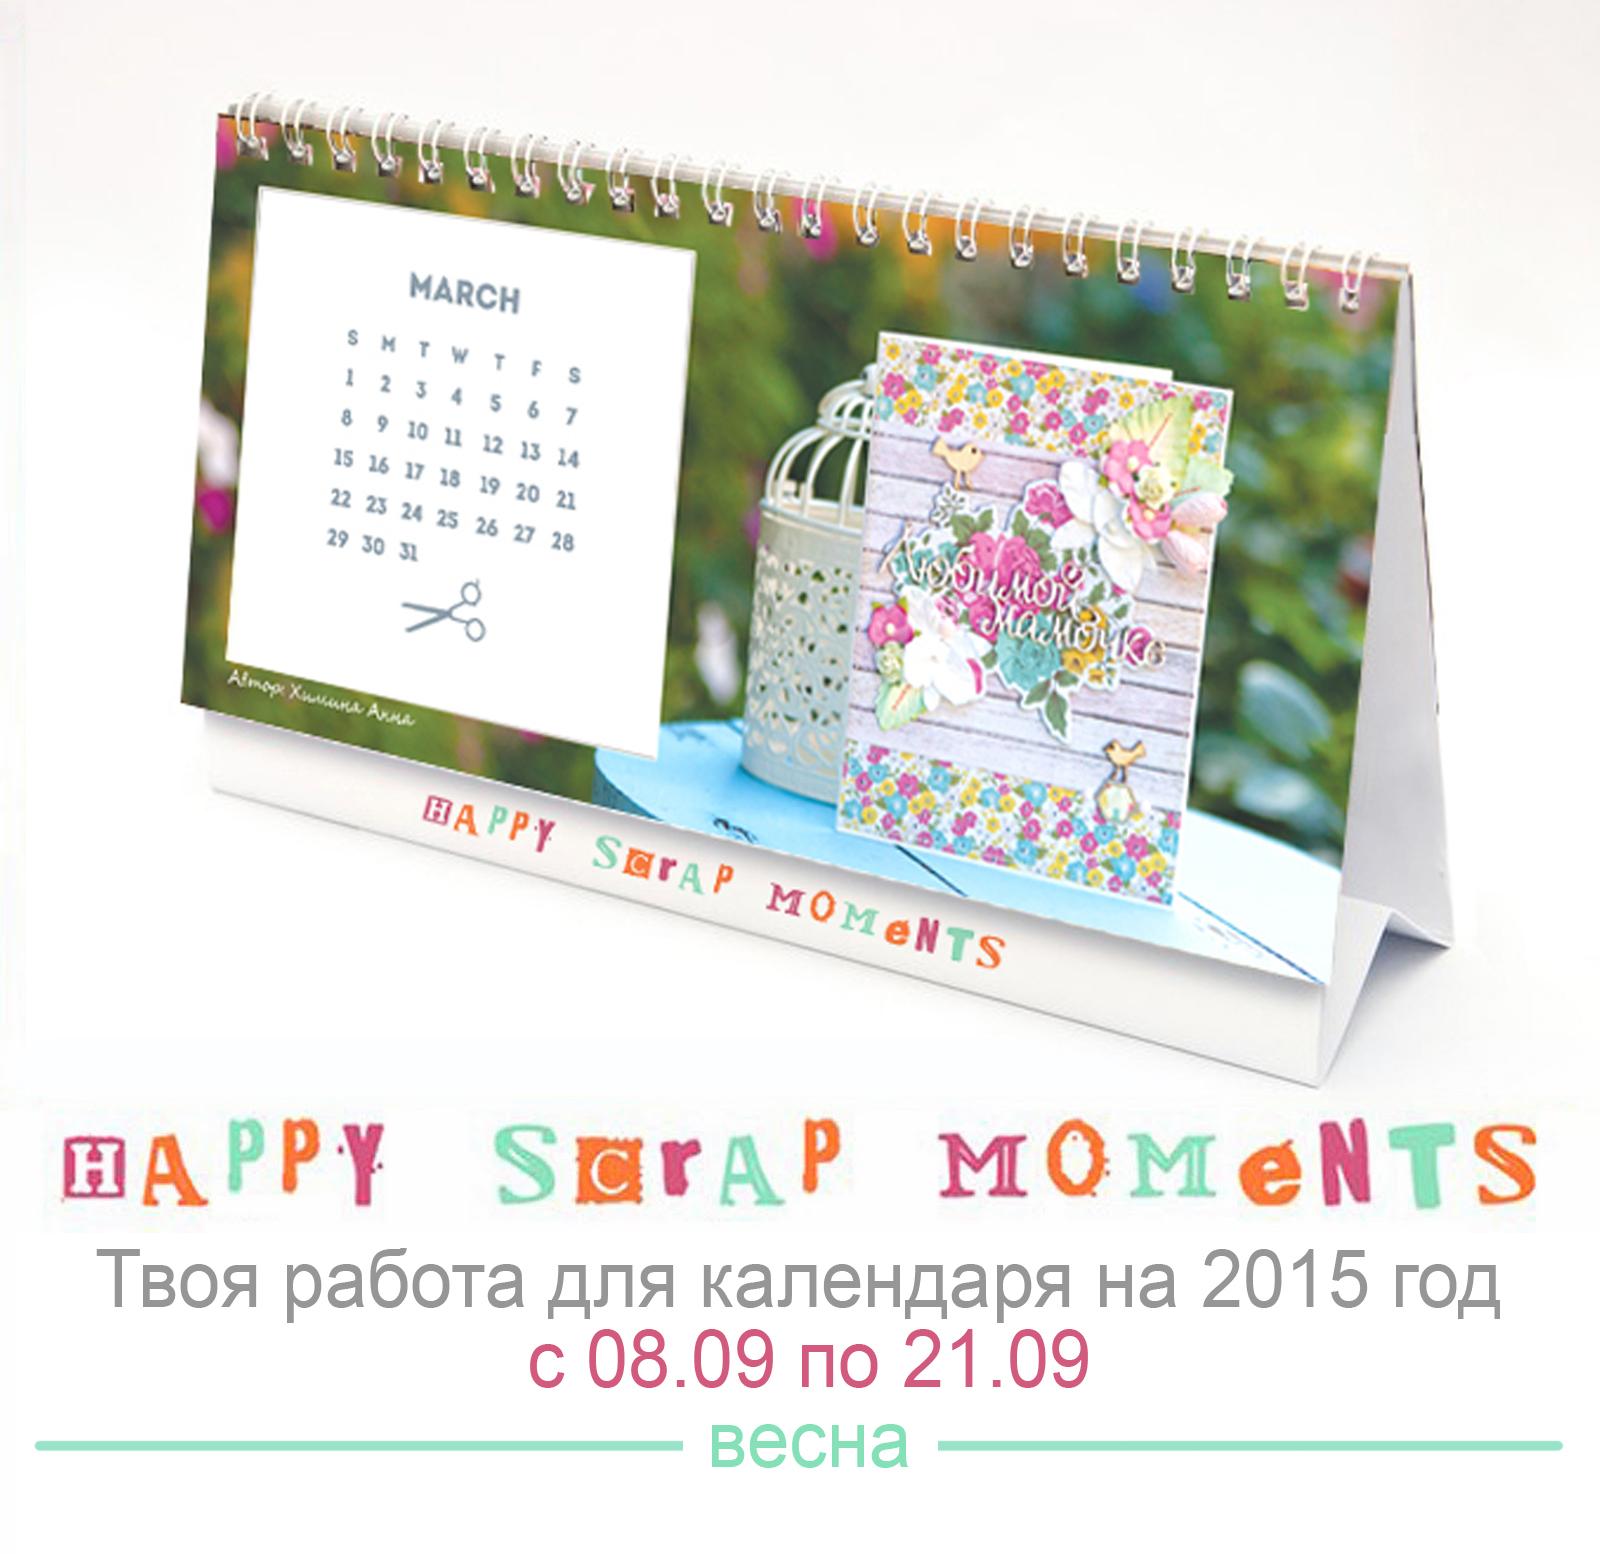 Твоя работа для календаря на 2015 год от HSM. Весна.